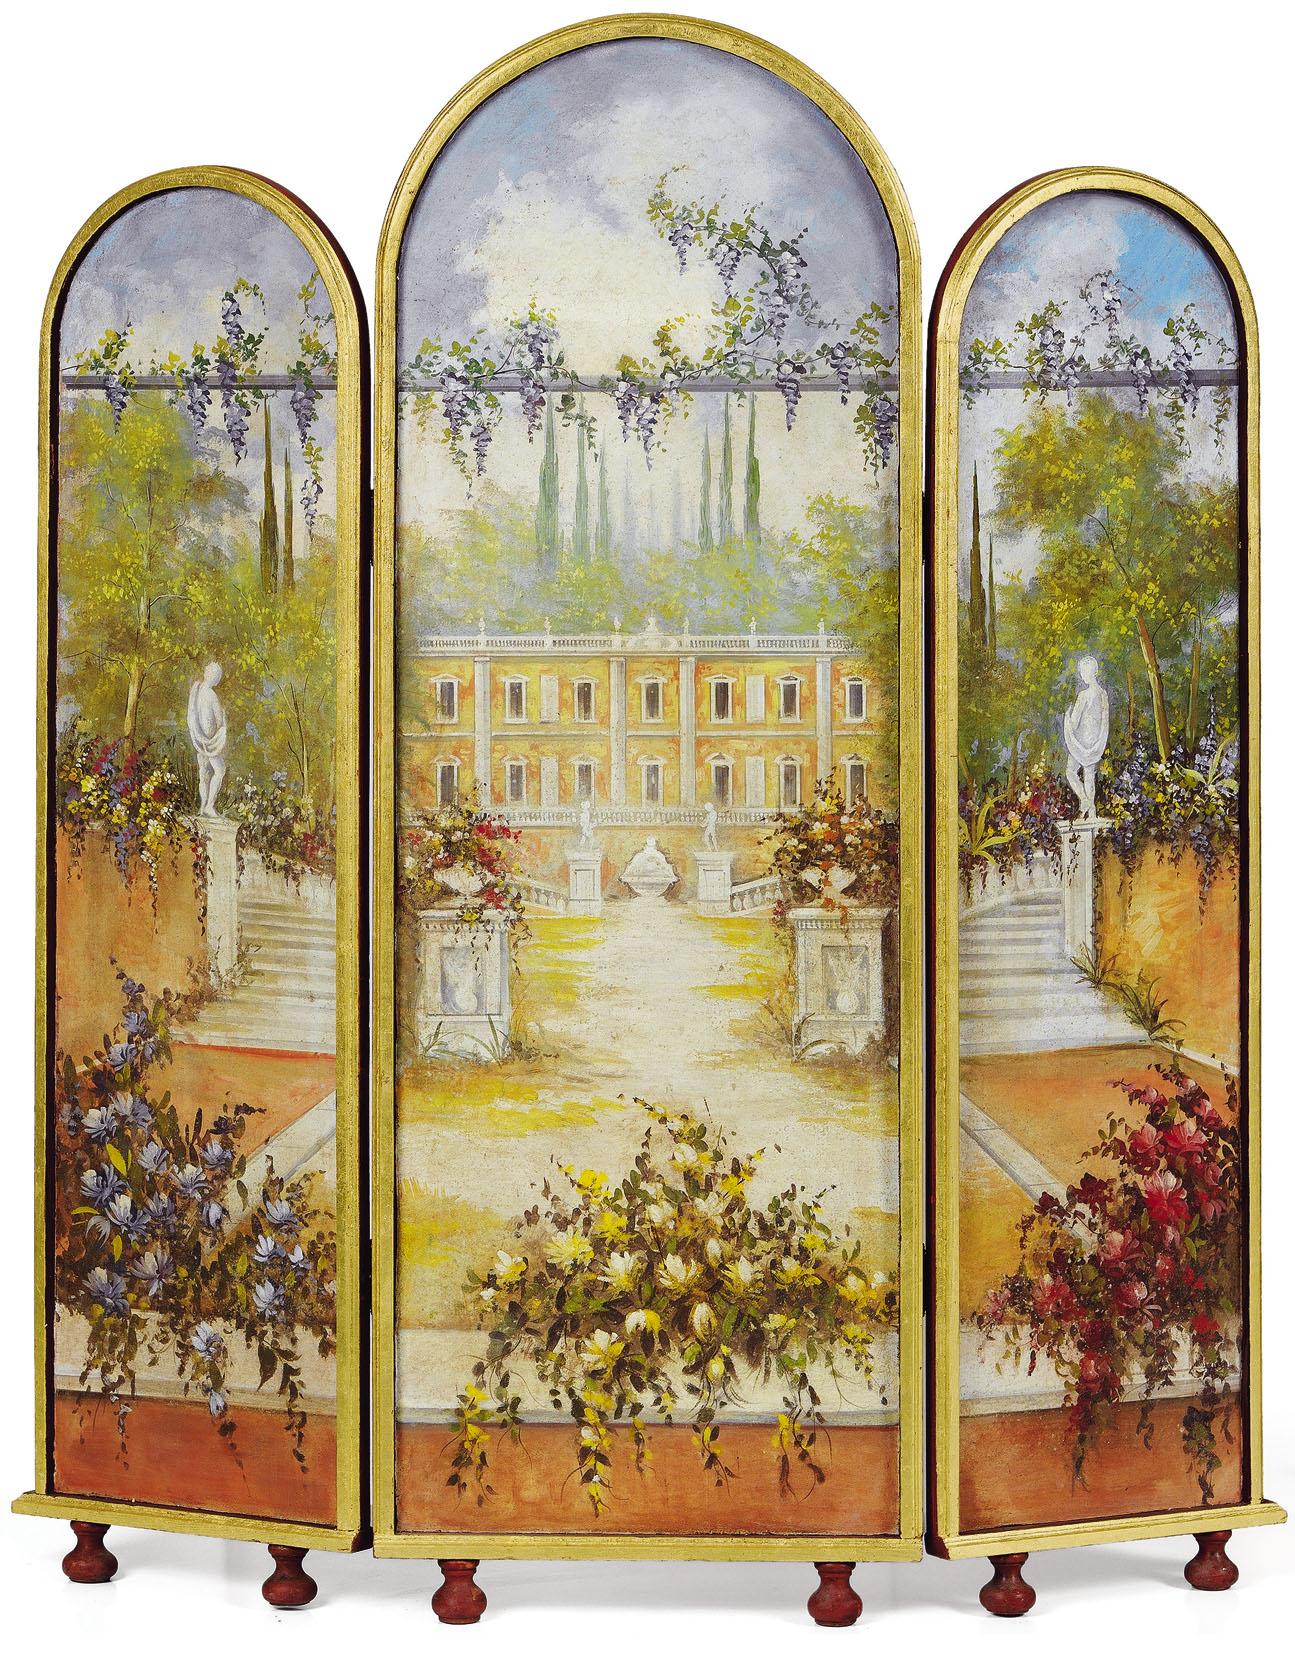 Un séparé affrescato con il tema del paesaggio realizzato da un'artista di Mariani Affreschi